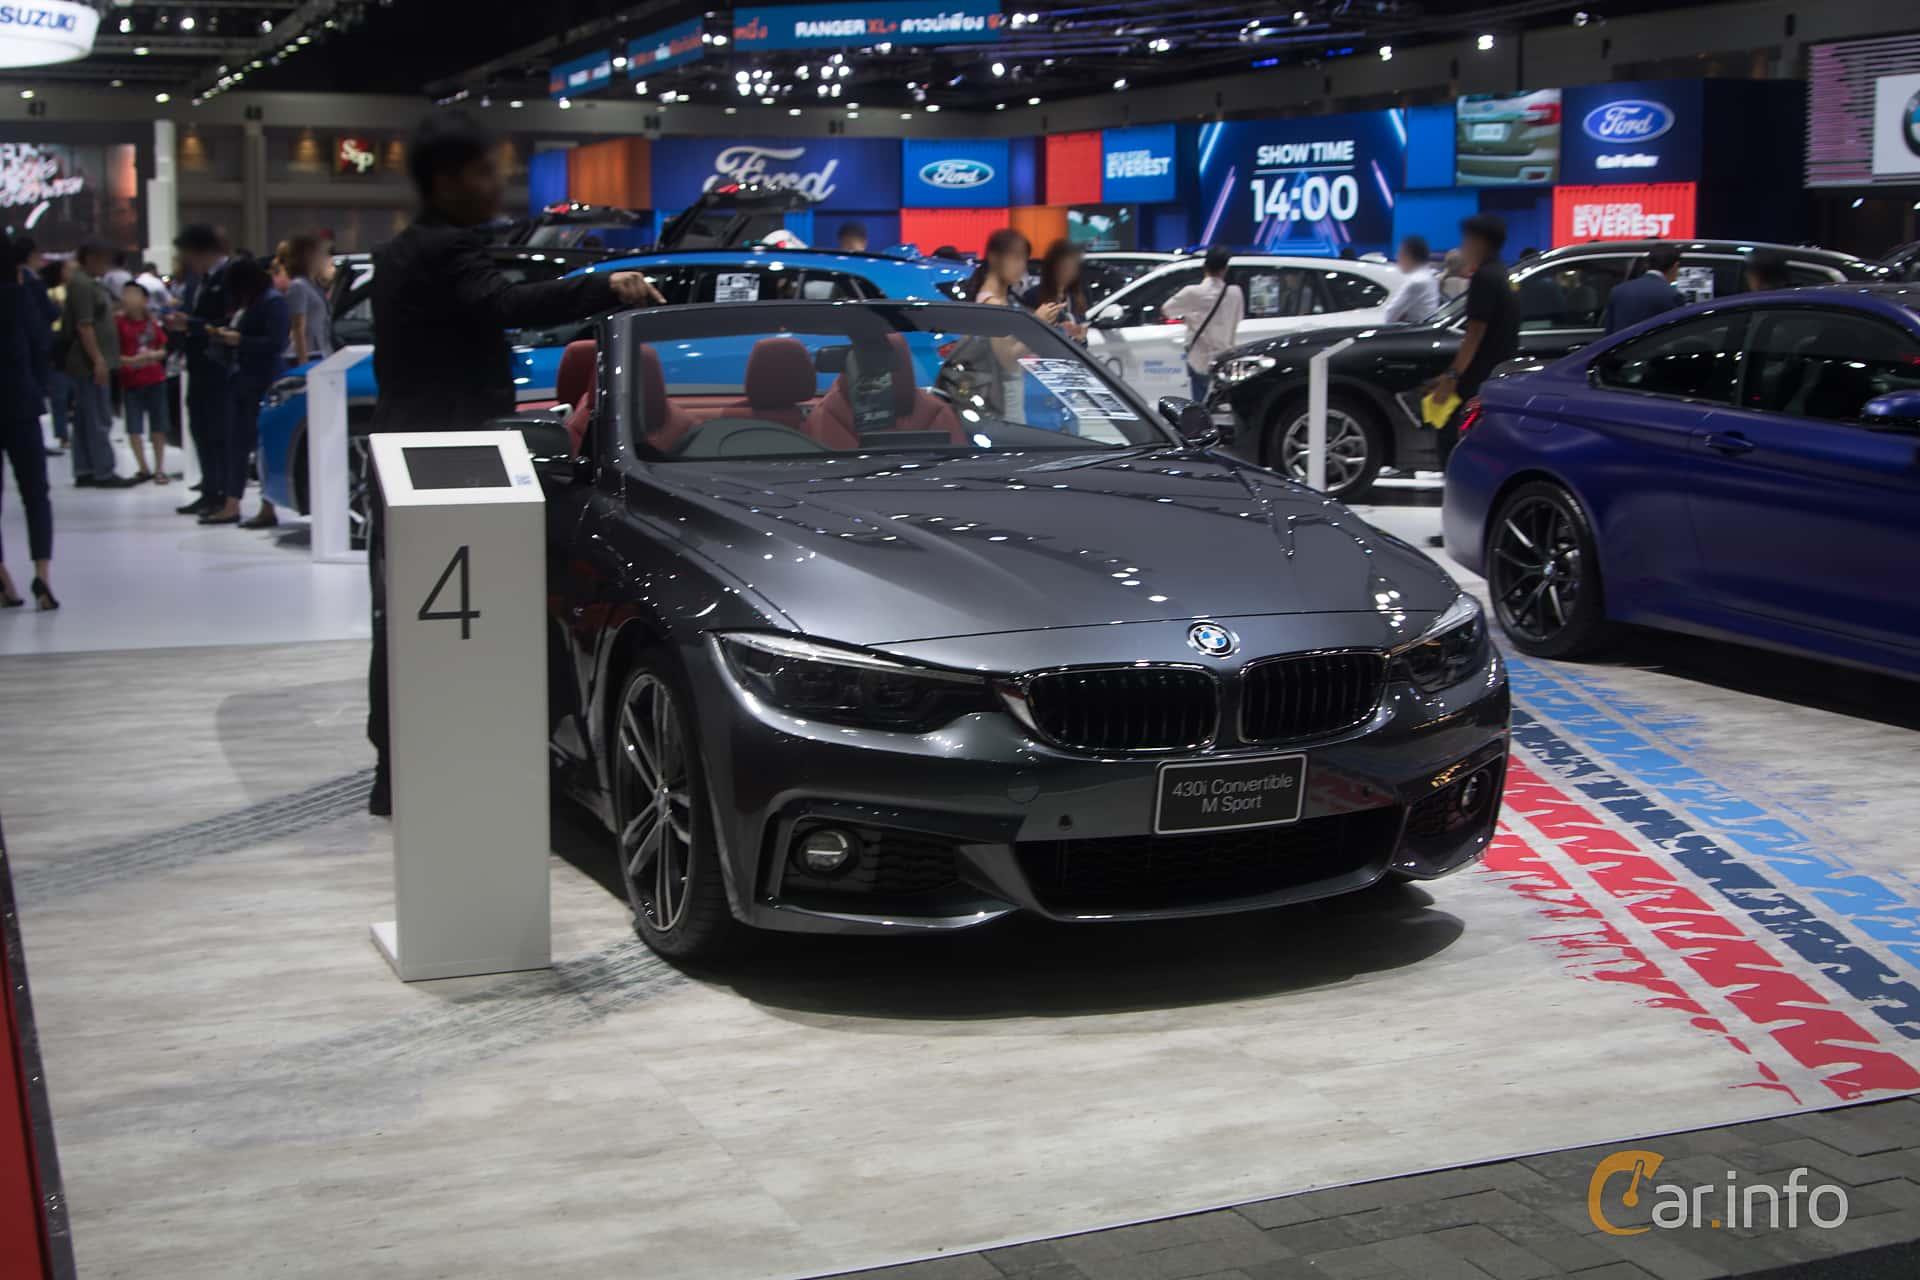 BMW 430i Convertible  Steptronic, 252hp, 2019 at Bangkok Motor Show 2019